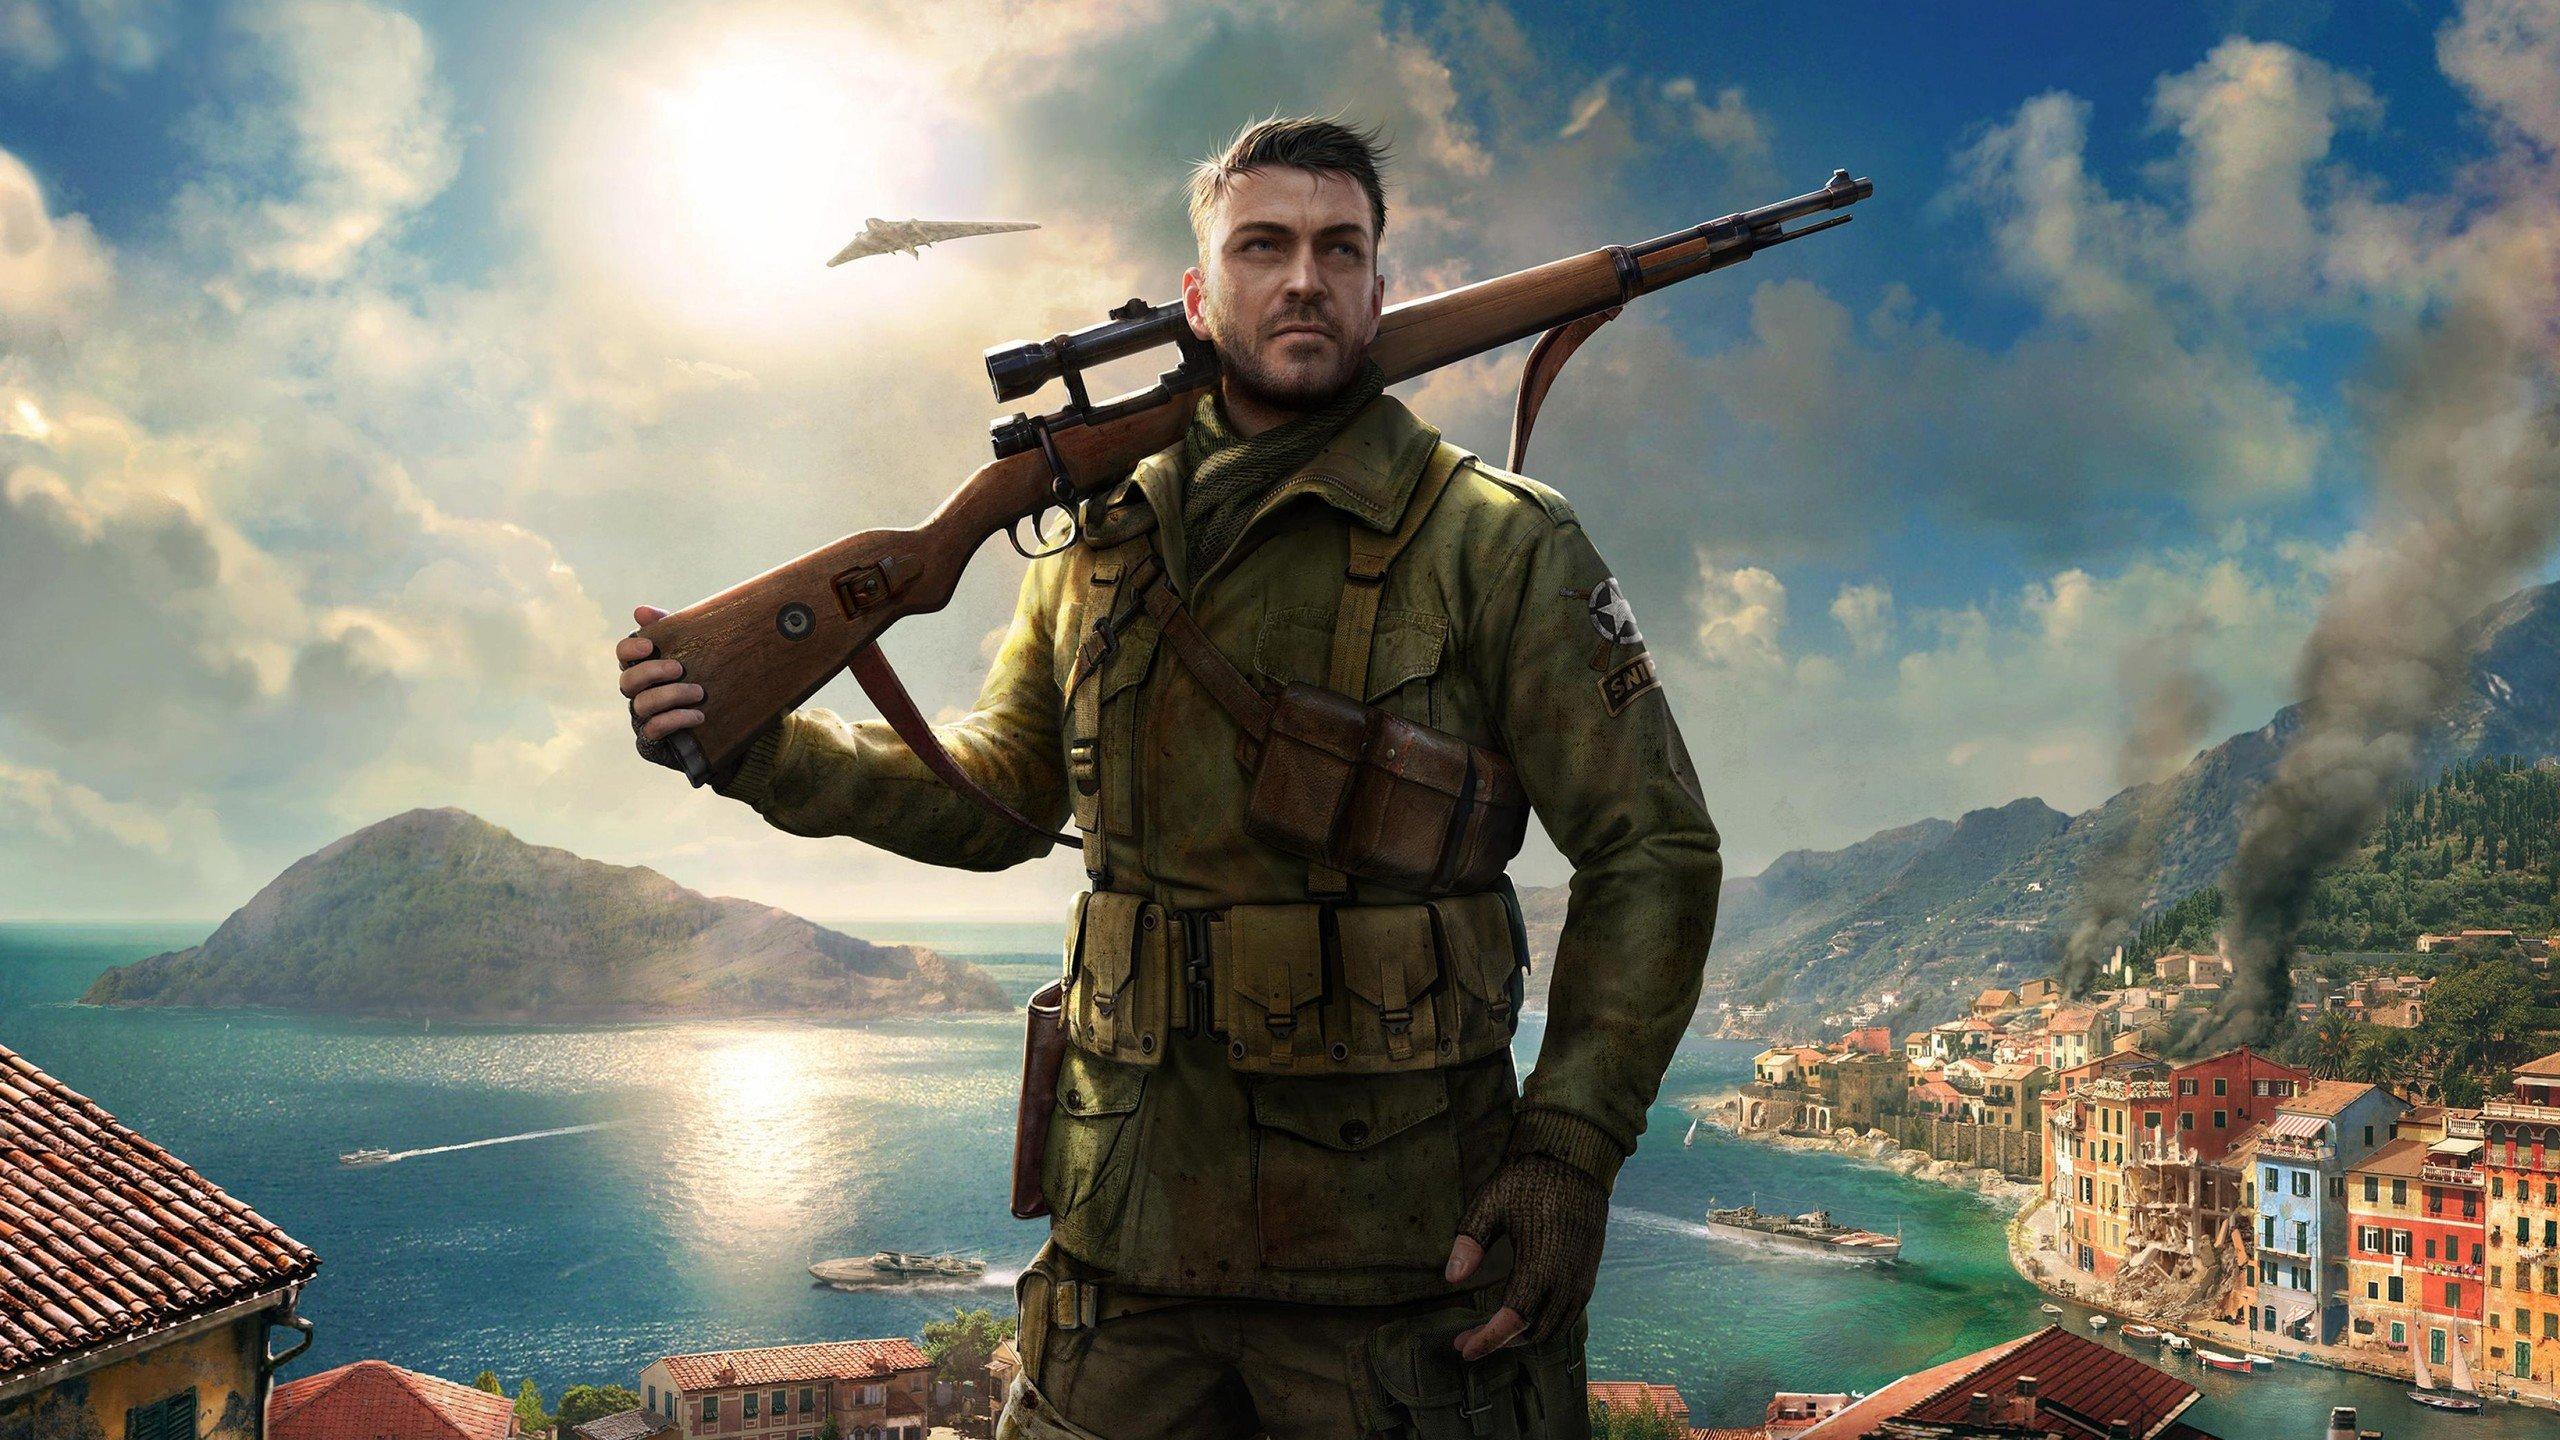 Sniper Elite 4 Oyunu Yüksek çözünürlüklü duvar kağıdı